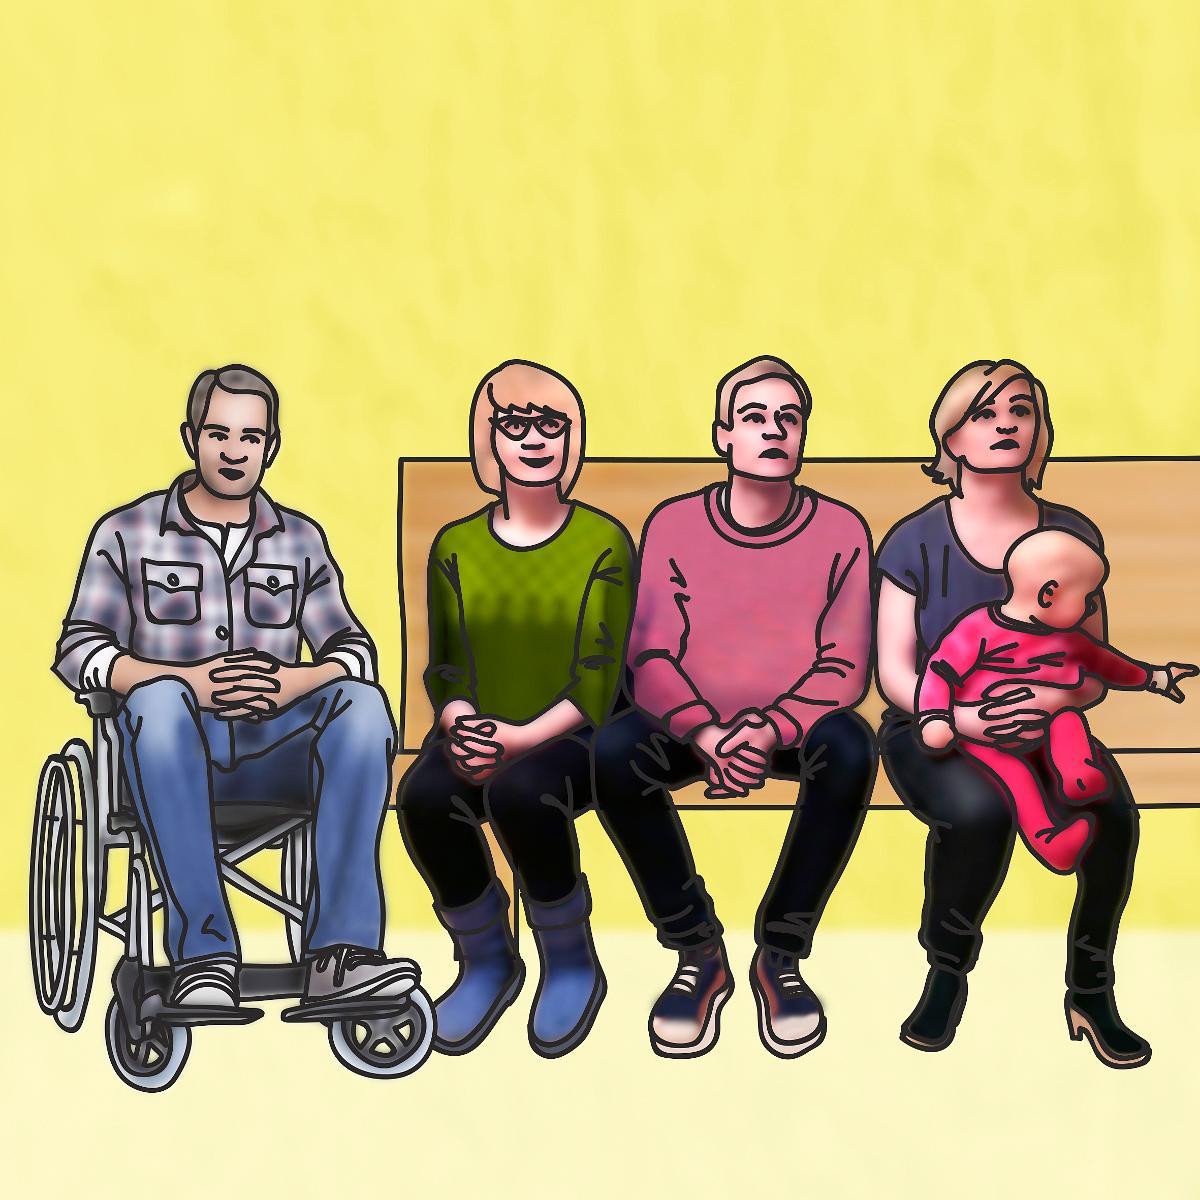 Kuva: Konfirmaatio / Seurakunta istuu